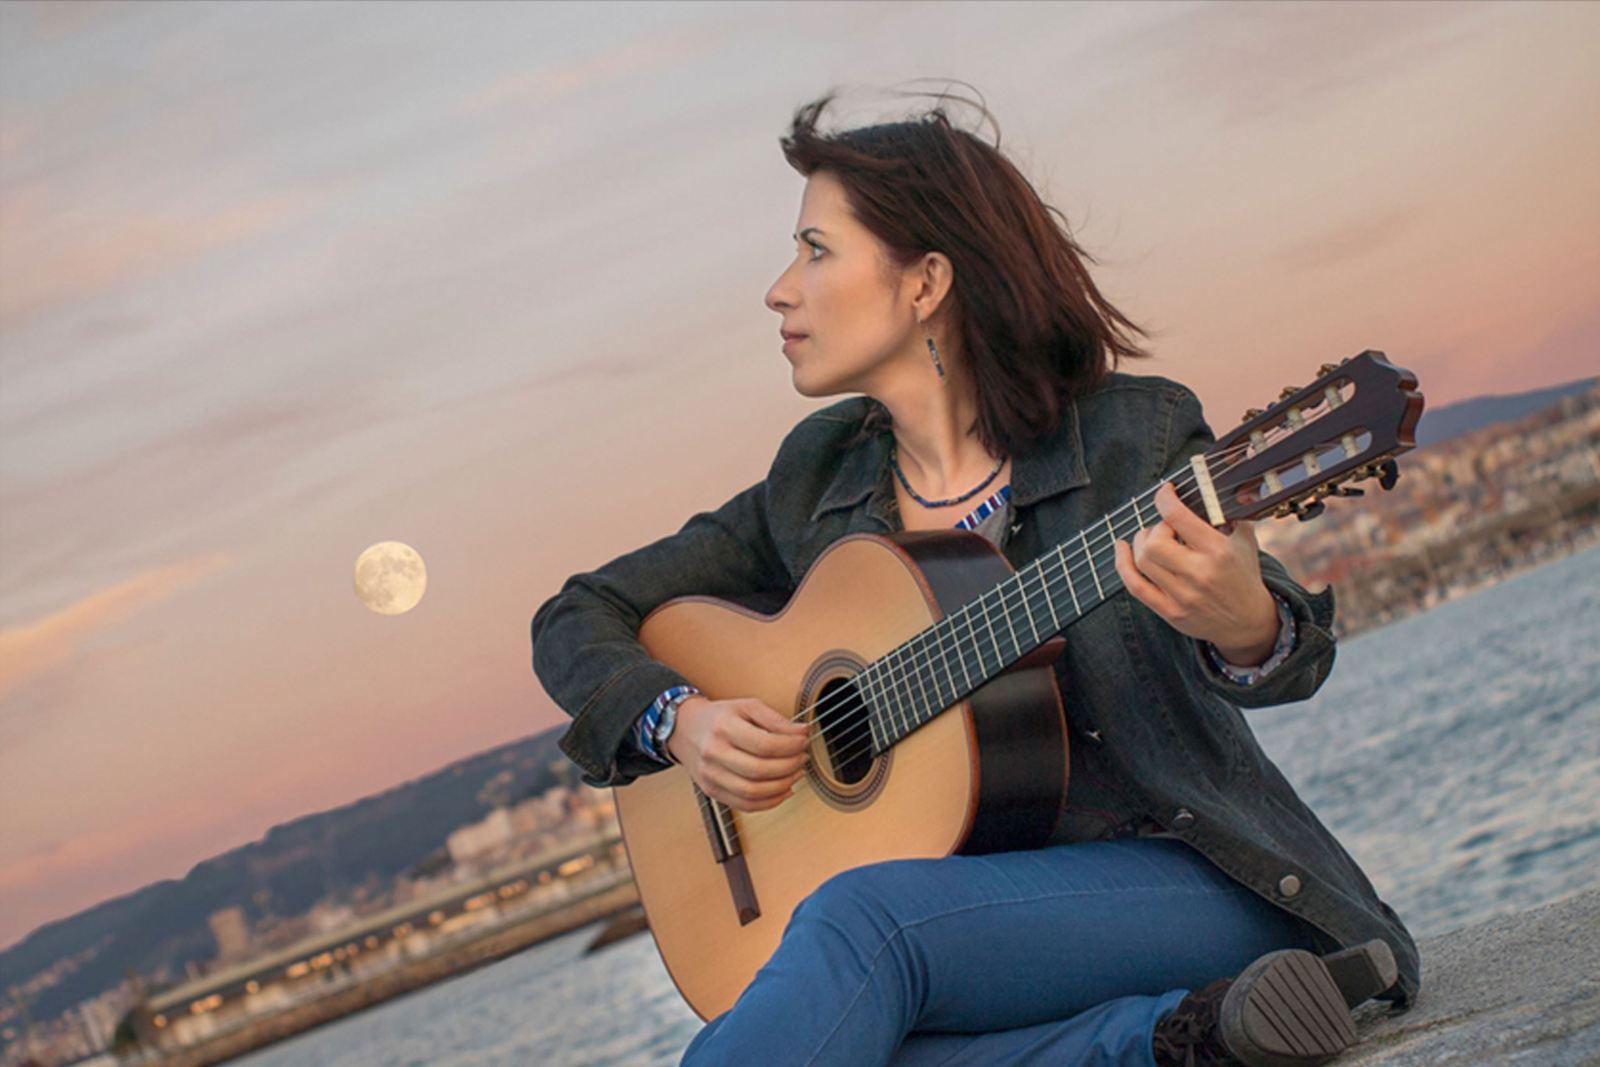 El 39 Festival de la Guitarra de Córdoba organiza doce cursos y dos clases magistrales